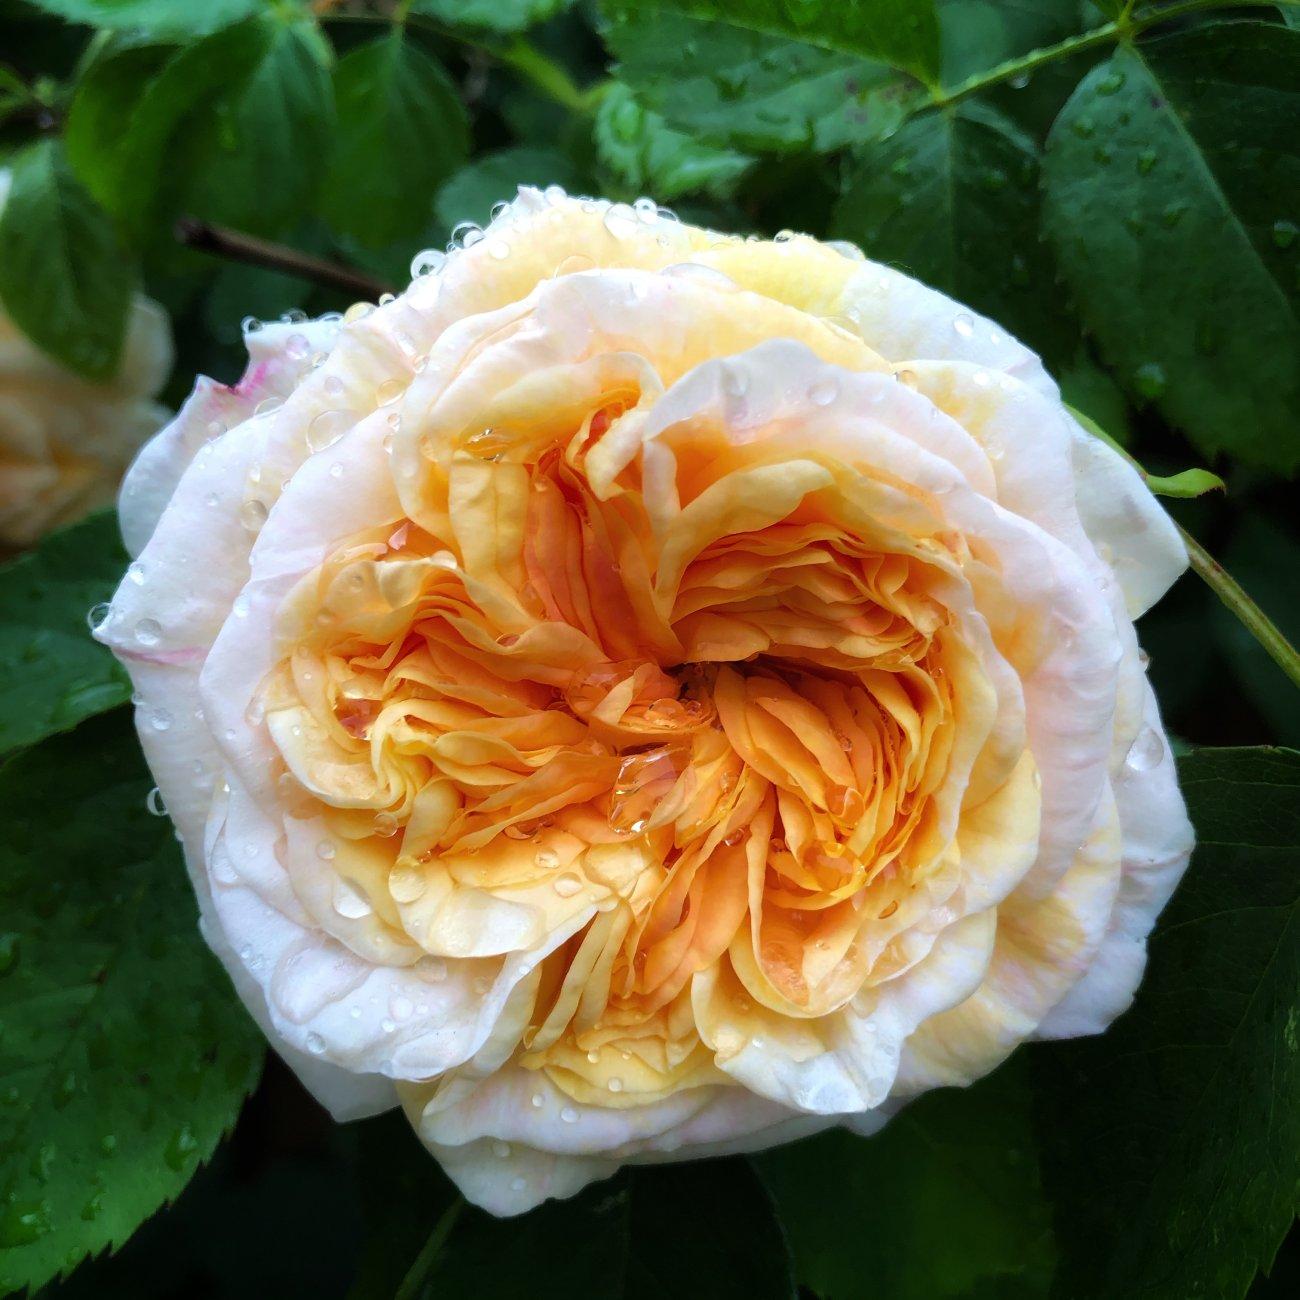 A rose in the rain